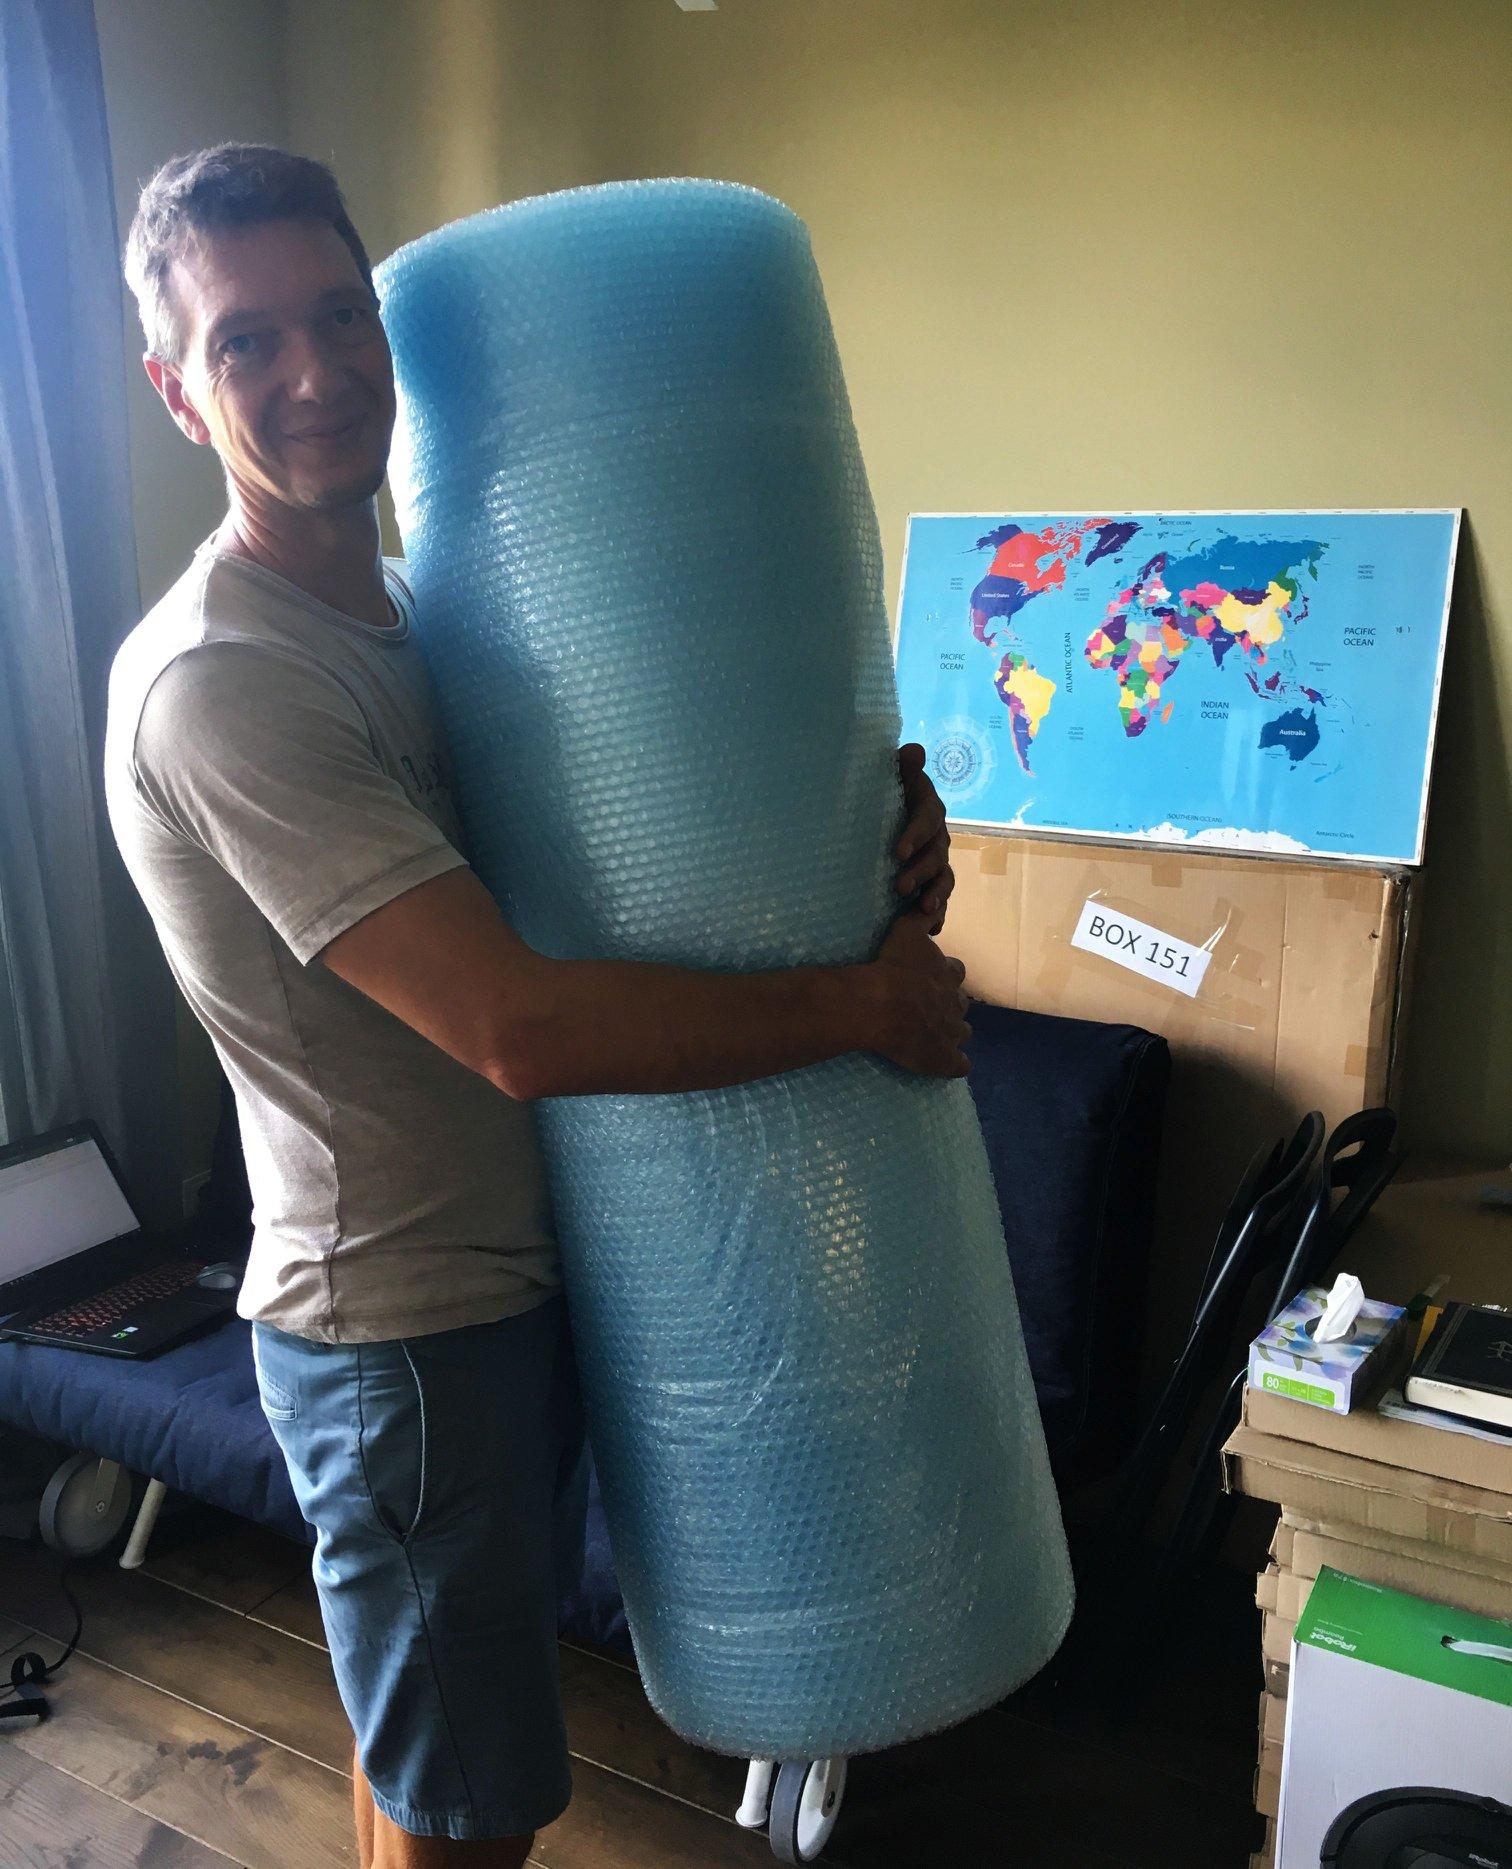 Pakuotojas kraustomes Australija Bezdziones nuotykiai.jpg